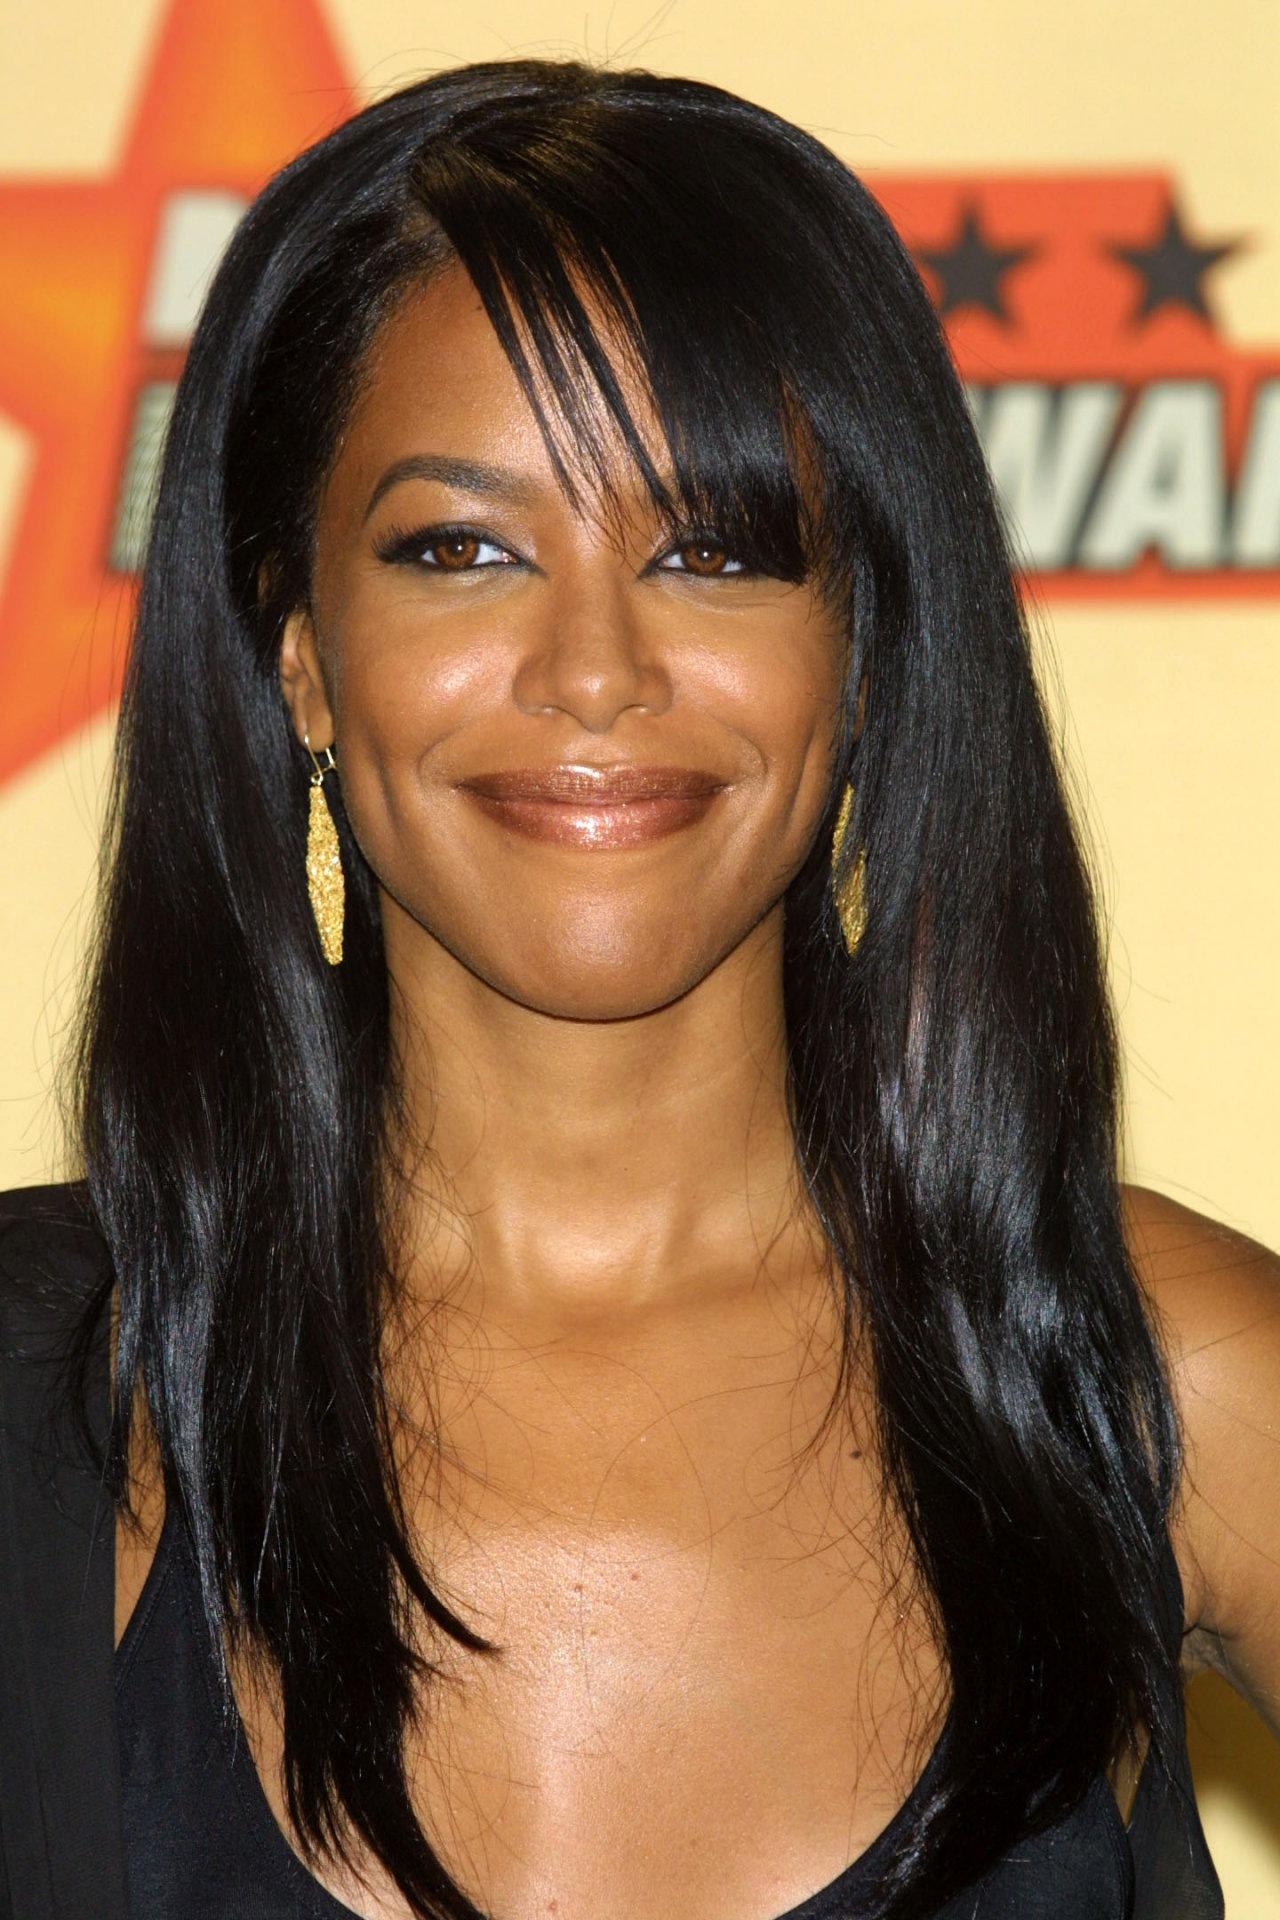 Aaliyah - Wallpaper Hot